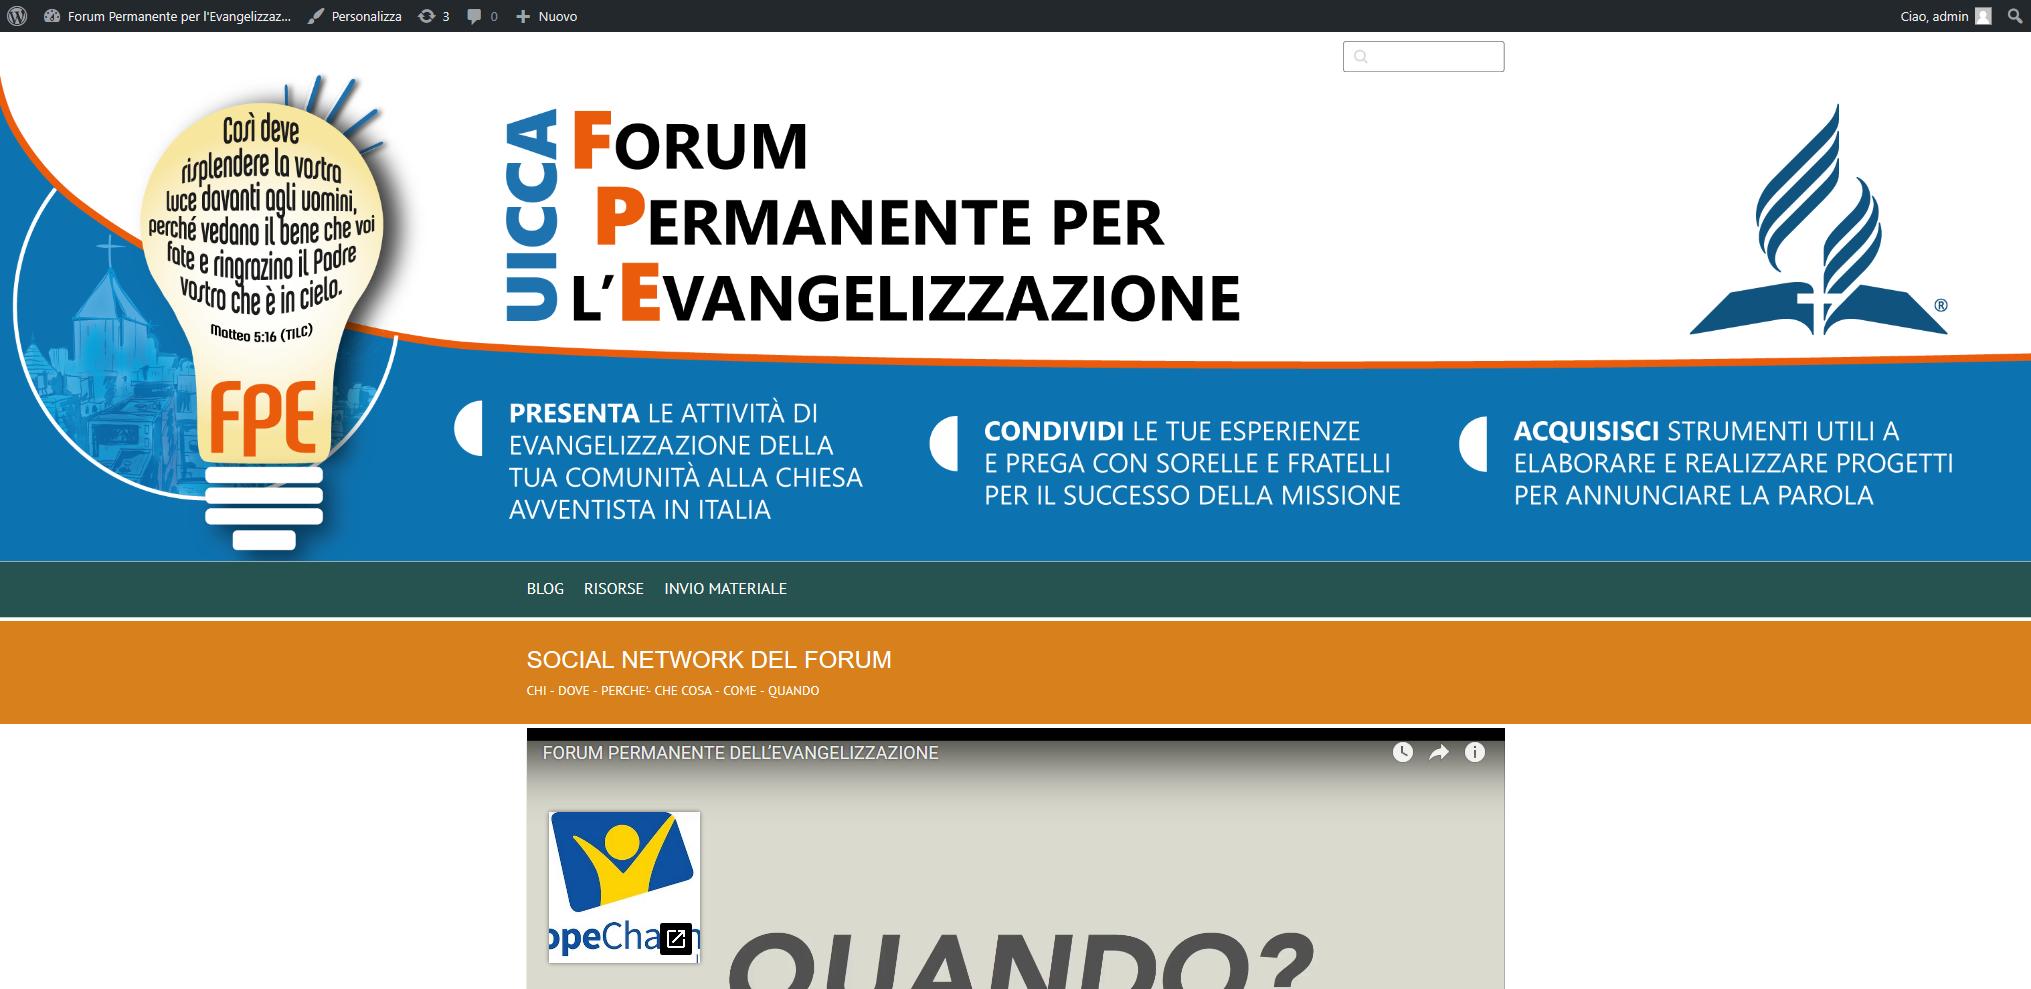 Forum Permanente Per L'Evangelizzazione